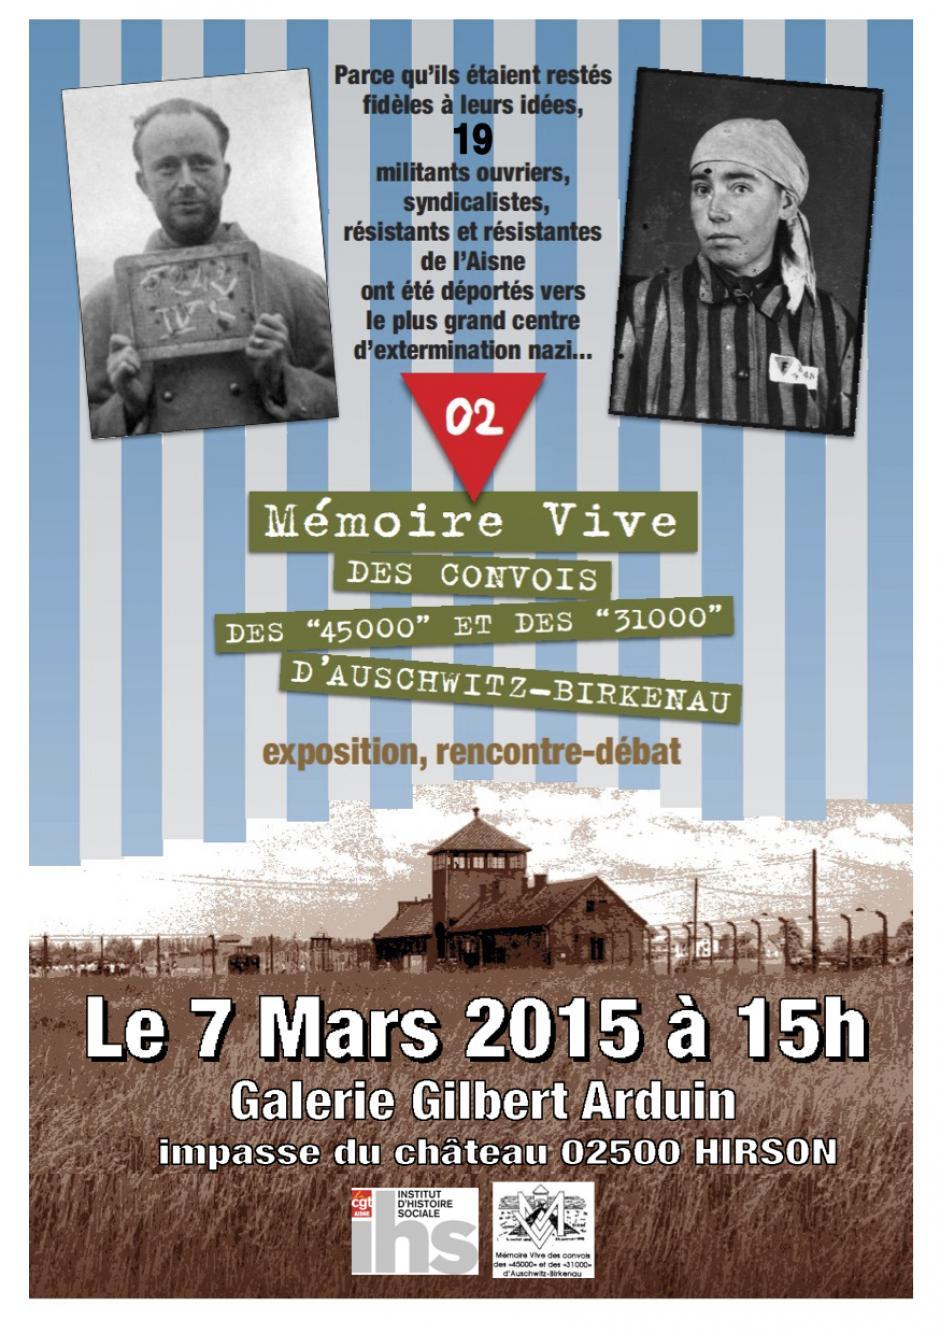 7 mars, Hirson - IHS CGT & Mémoire Vive-Rencontre-débat «Les convois des 45000 et des 31000, des résistants à Auschwitz et les 19 de l'Aisne »